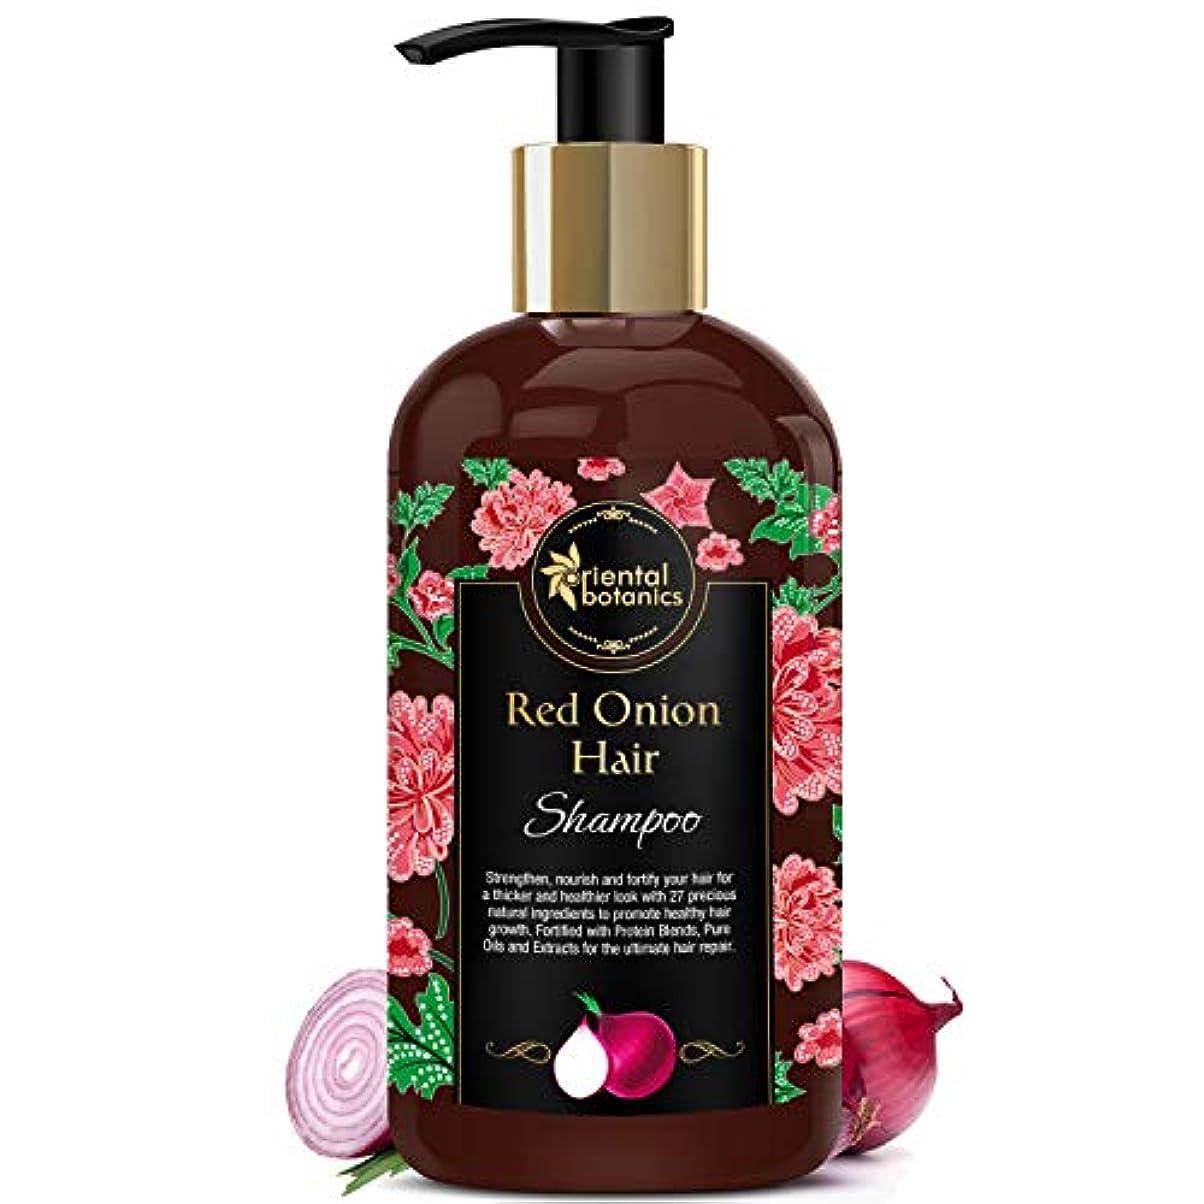 ベーリング海峡電信不従順Oriental Botanics Red Onion Hair Growth Shampoo, 300ml - With 27 Hair Boosters Controls Hair Loss & Promotes Healthy...